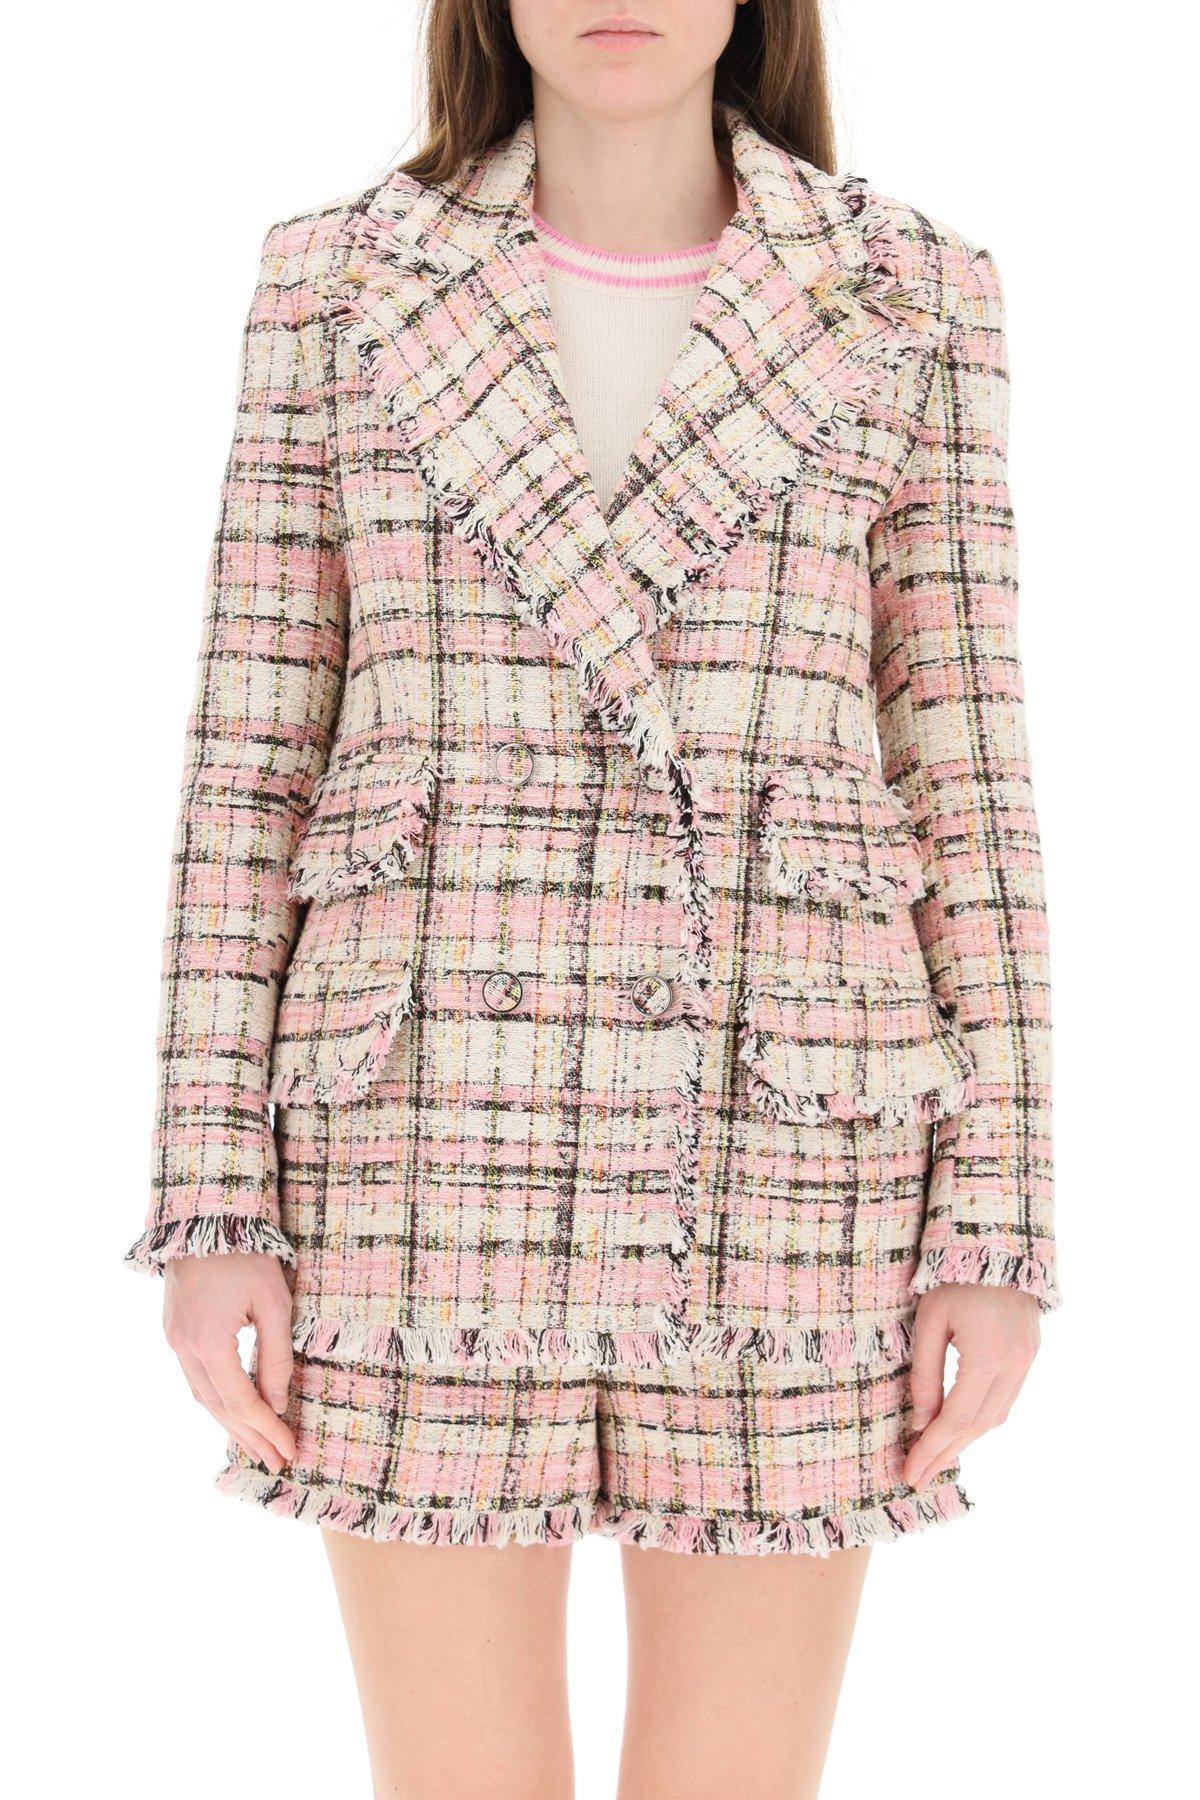 jackets-blazers_msgm_misto_211429dgc000001-12-13_1024x1024@2x